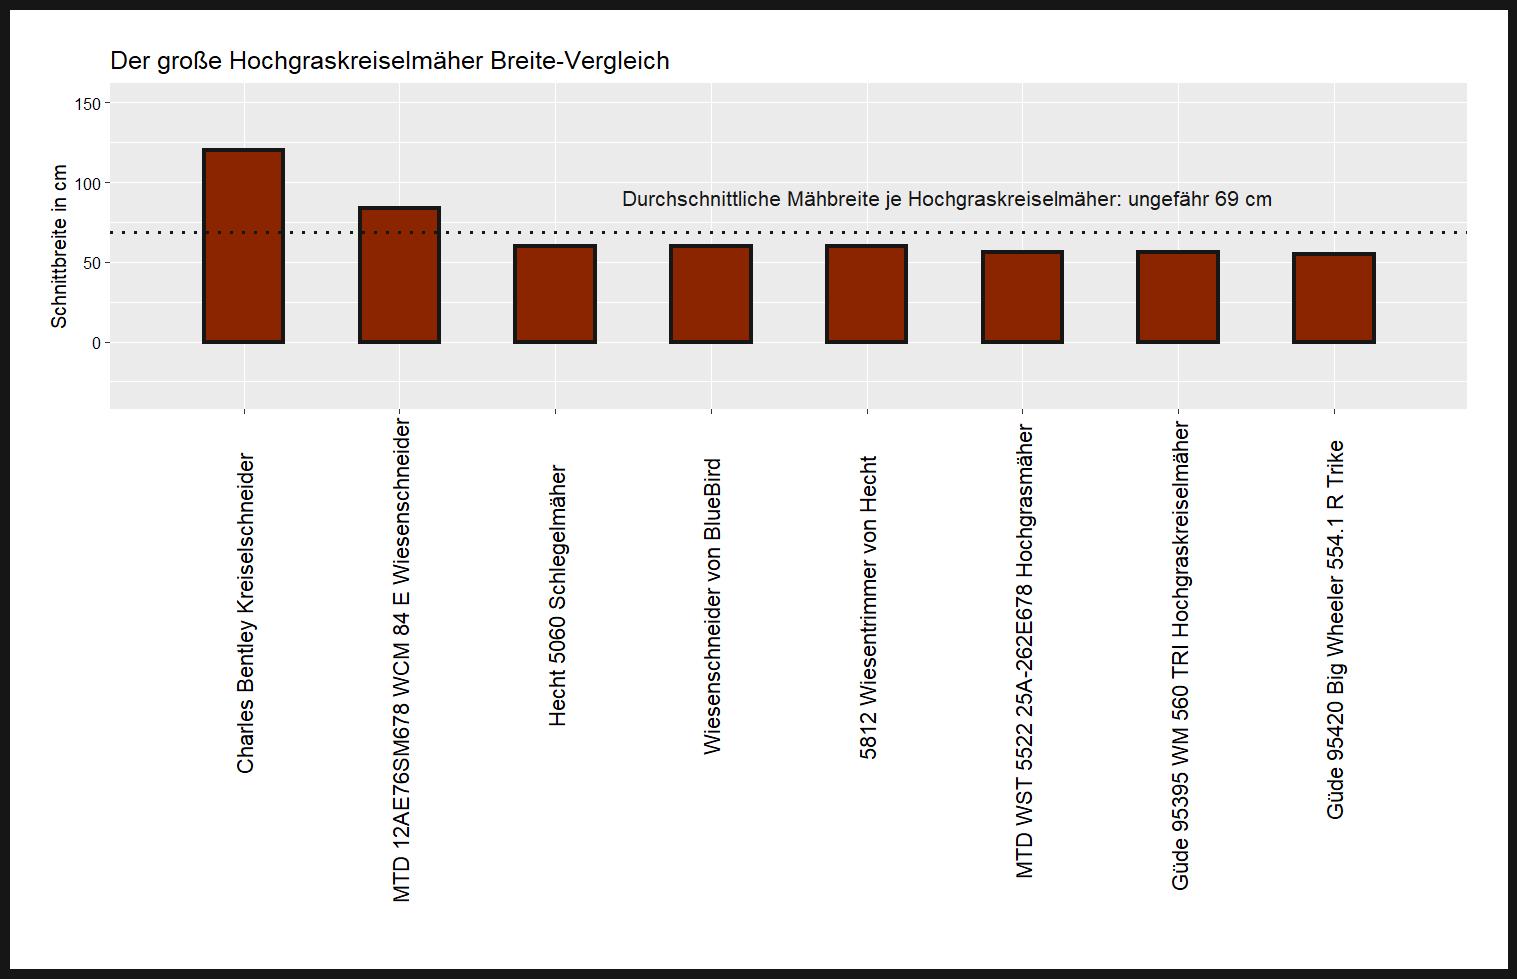 Schnittbreite-Vergleich aller Wiesenmäher